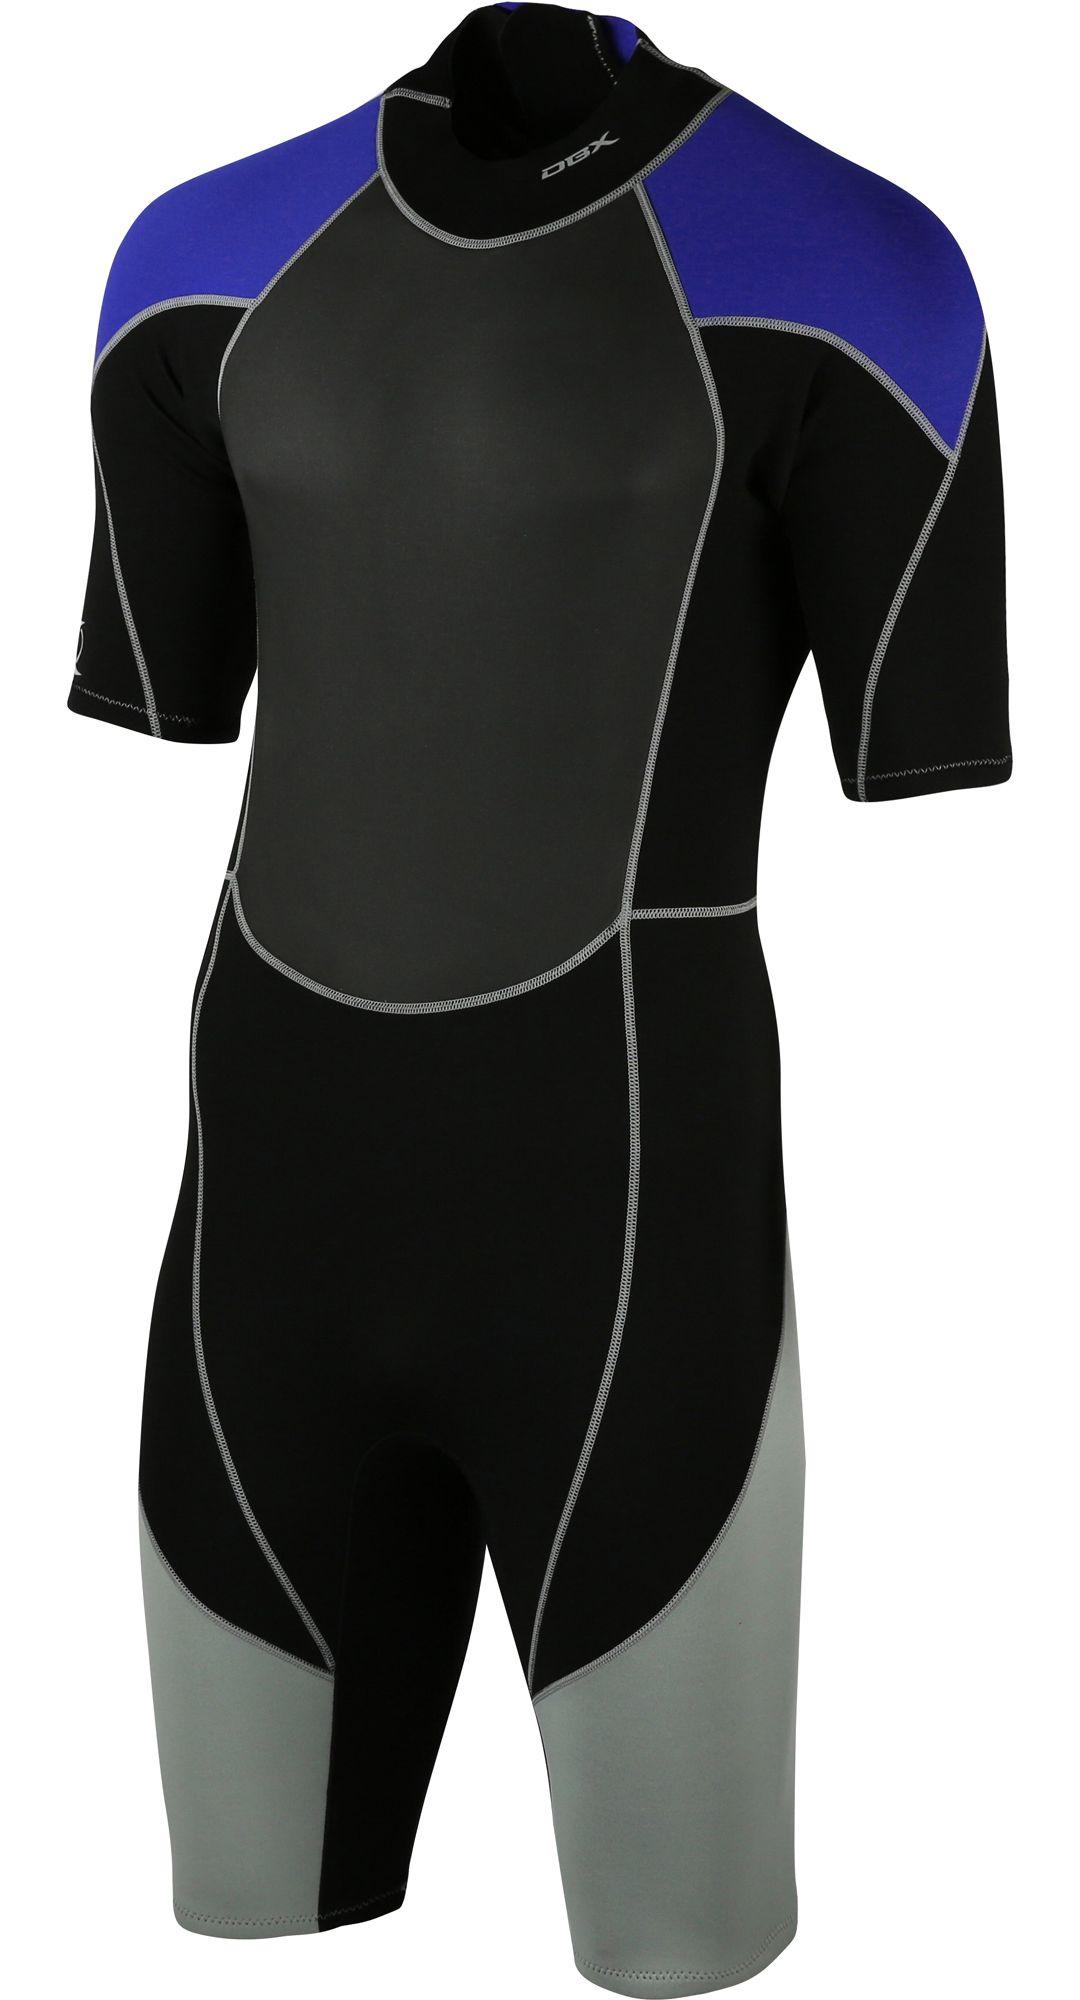 3dc1d44dfb DBX Men's Shorty Wetsuit